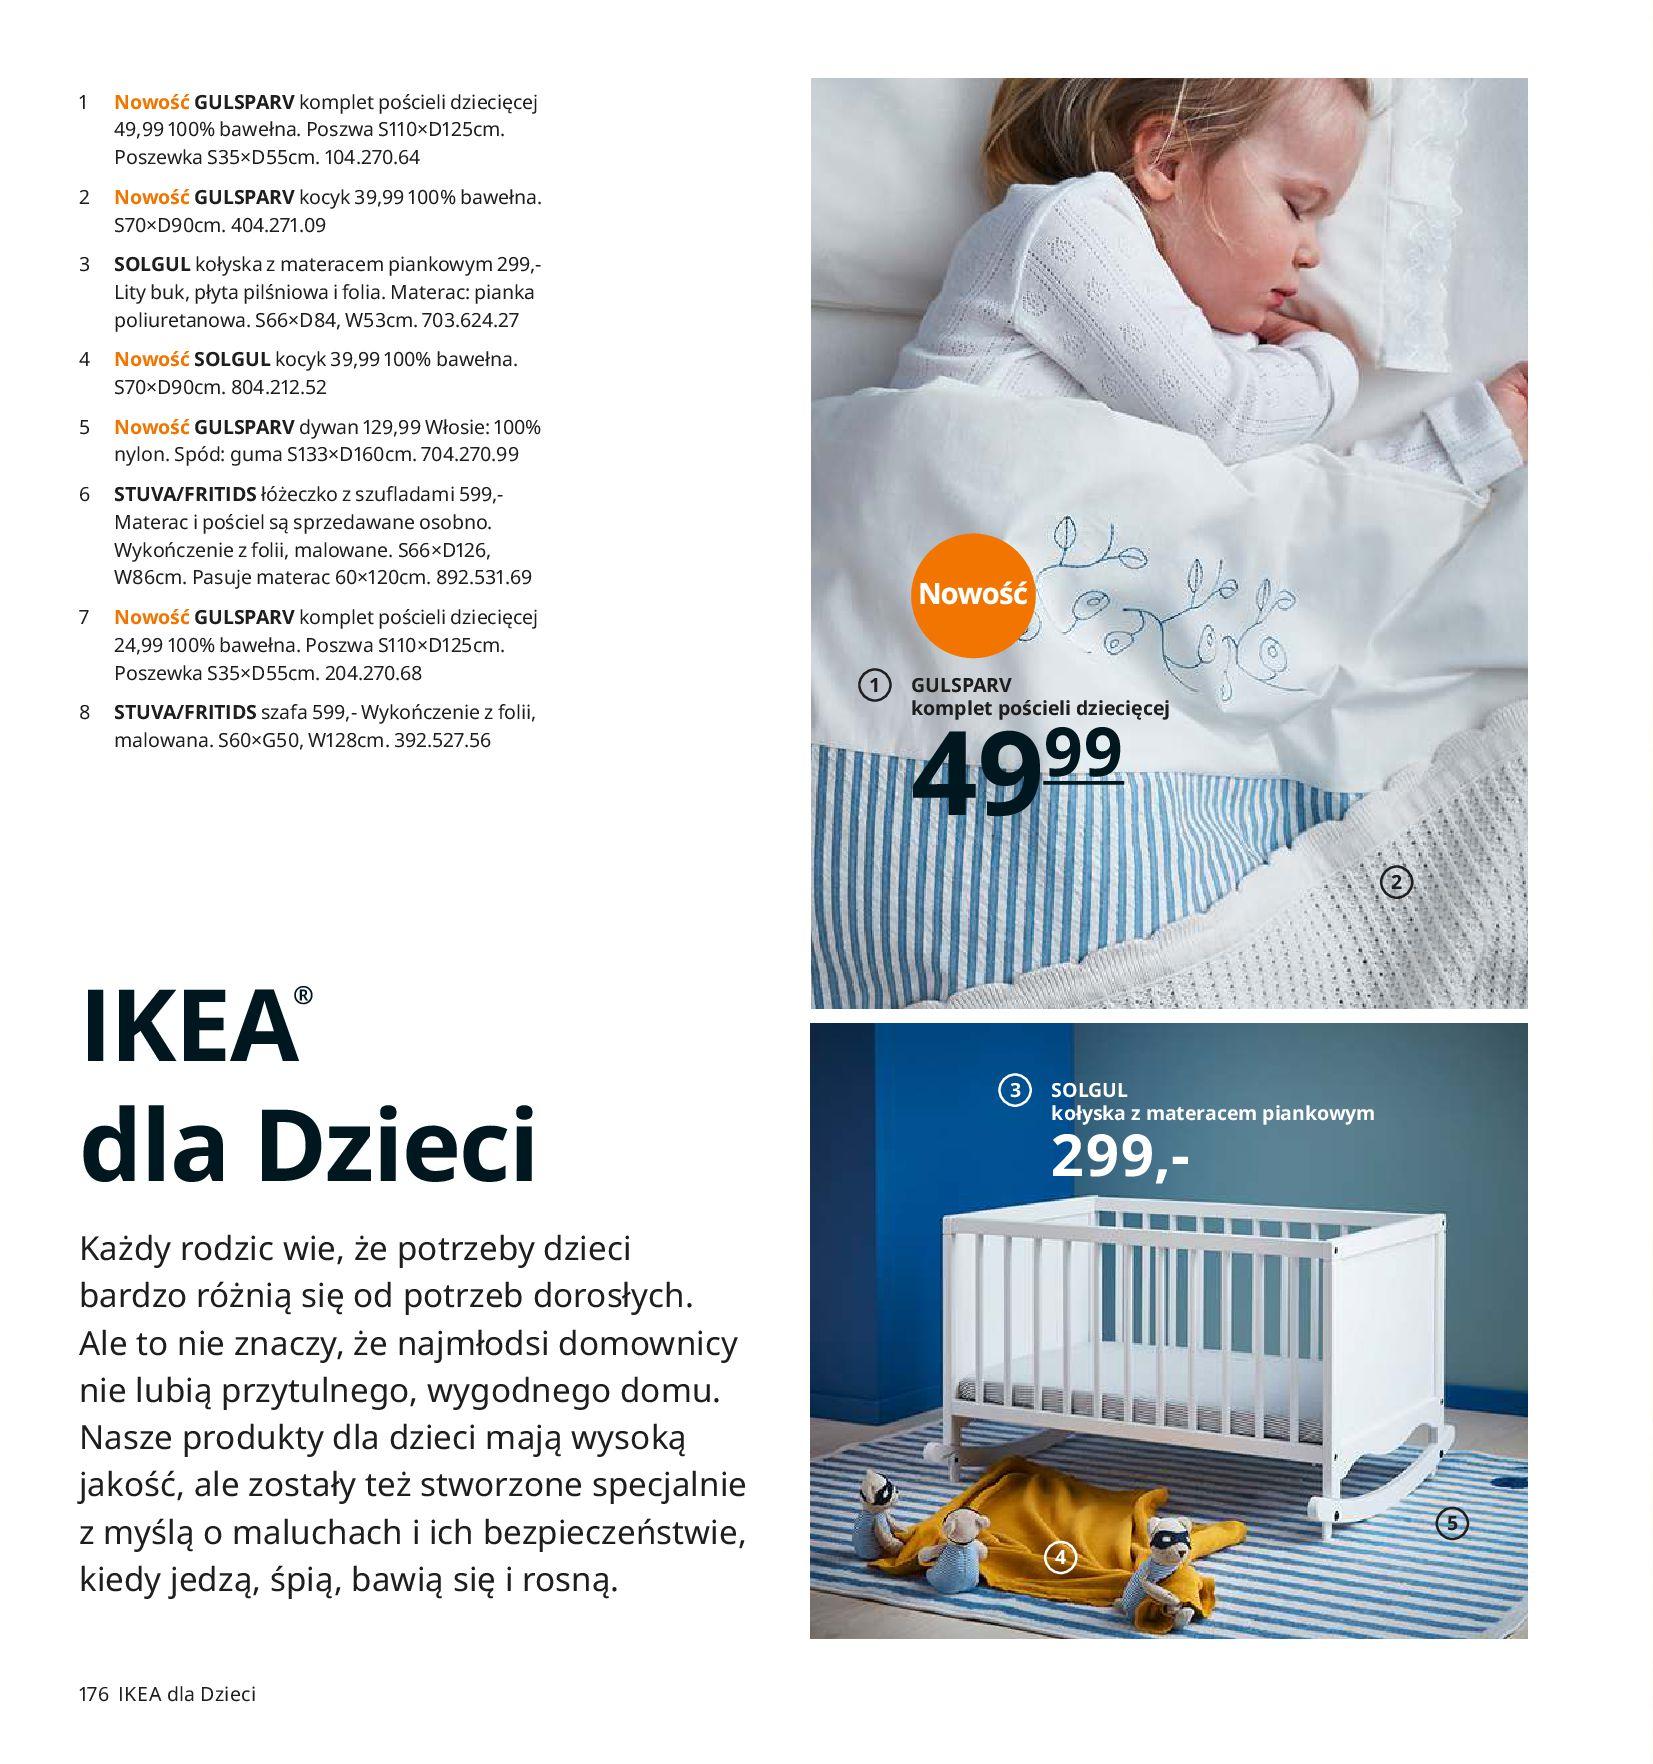 Gazetka IKEA - Katalog IKEA 2020-25.08.2019-31.07.2020-page-176